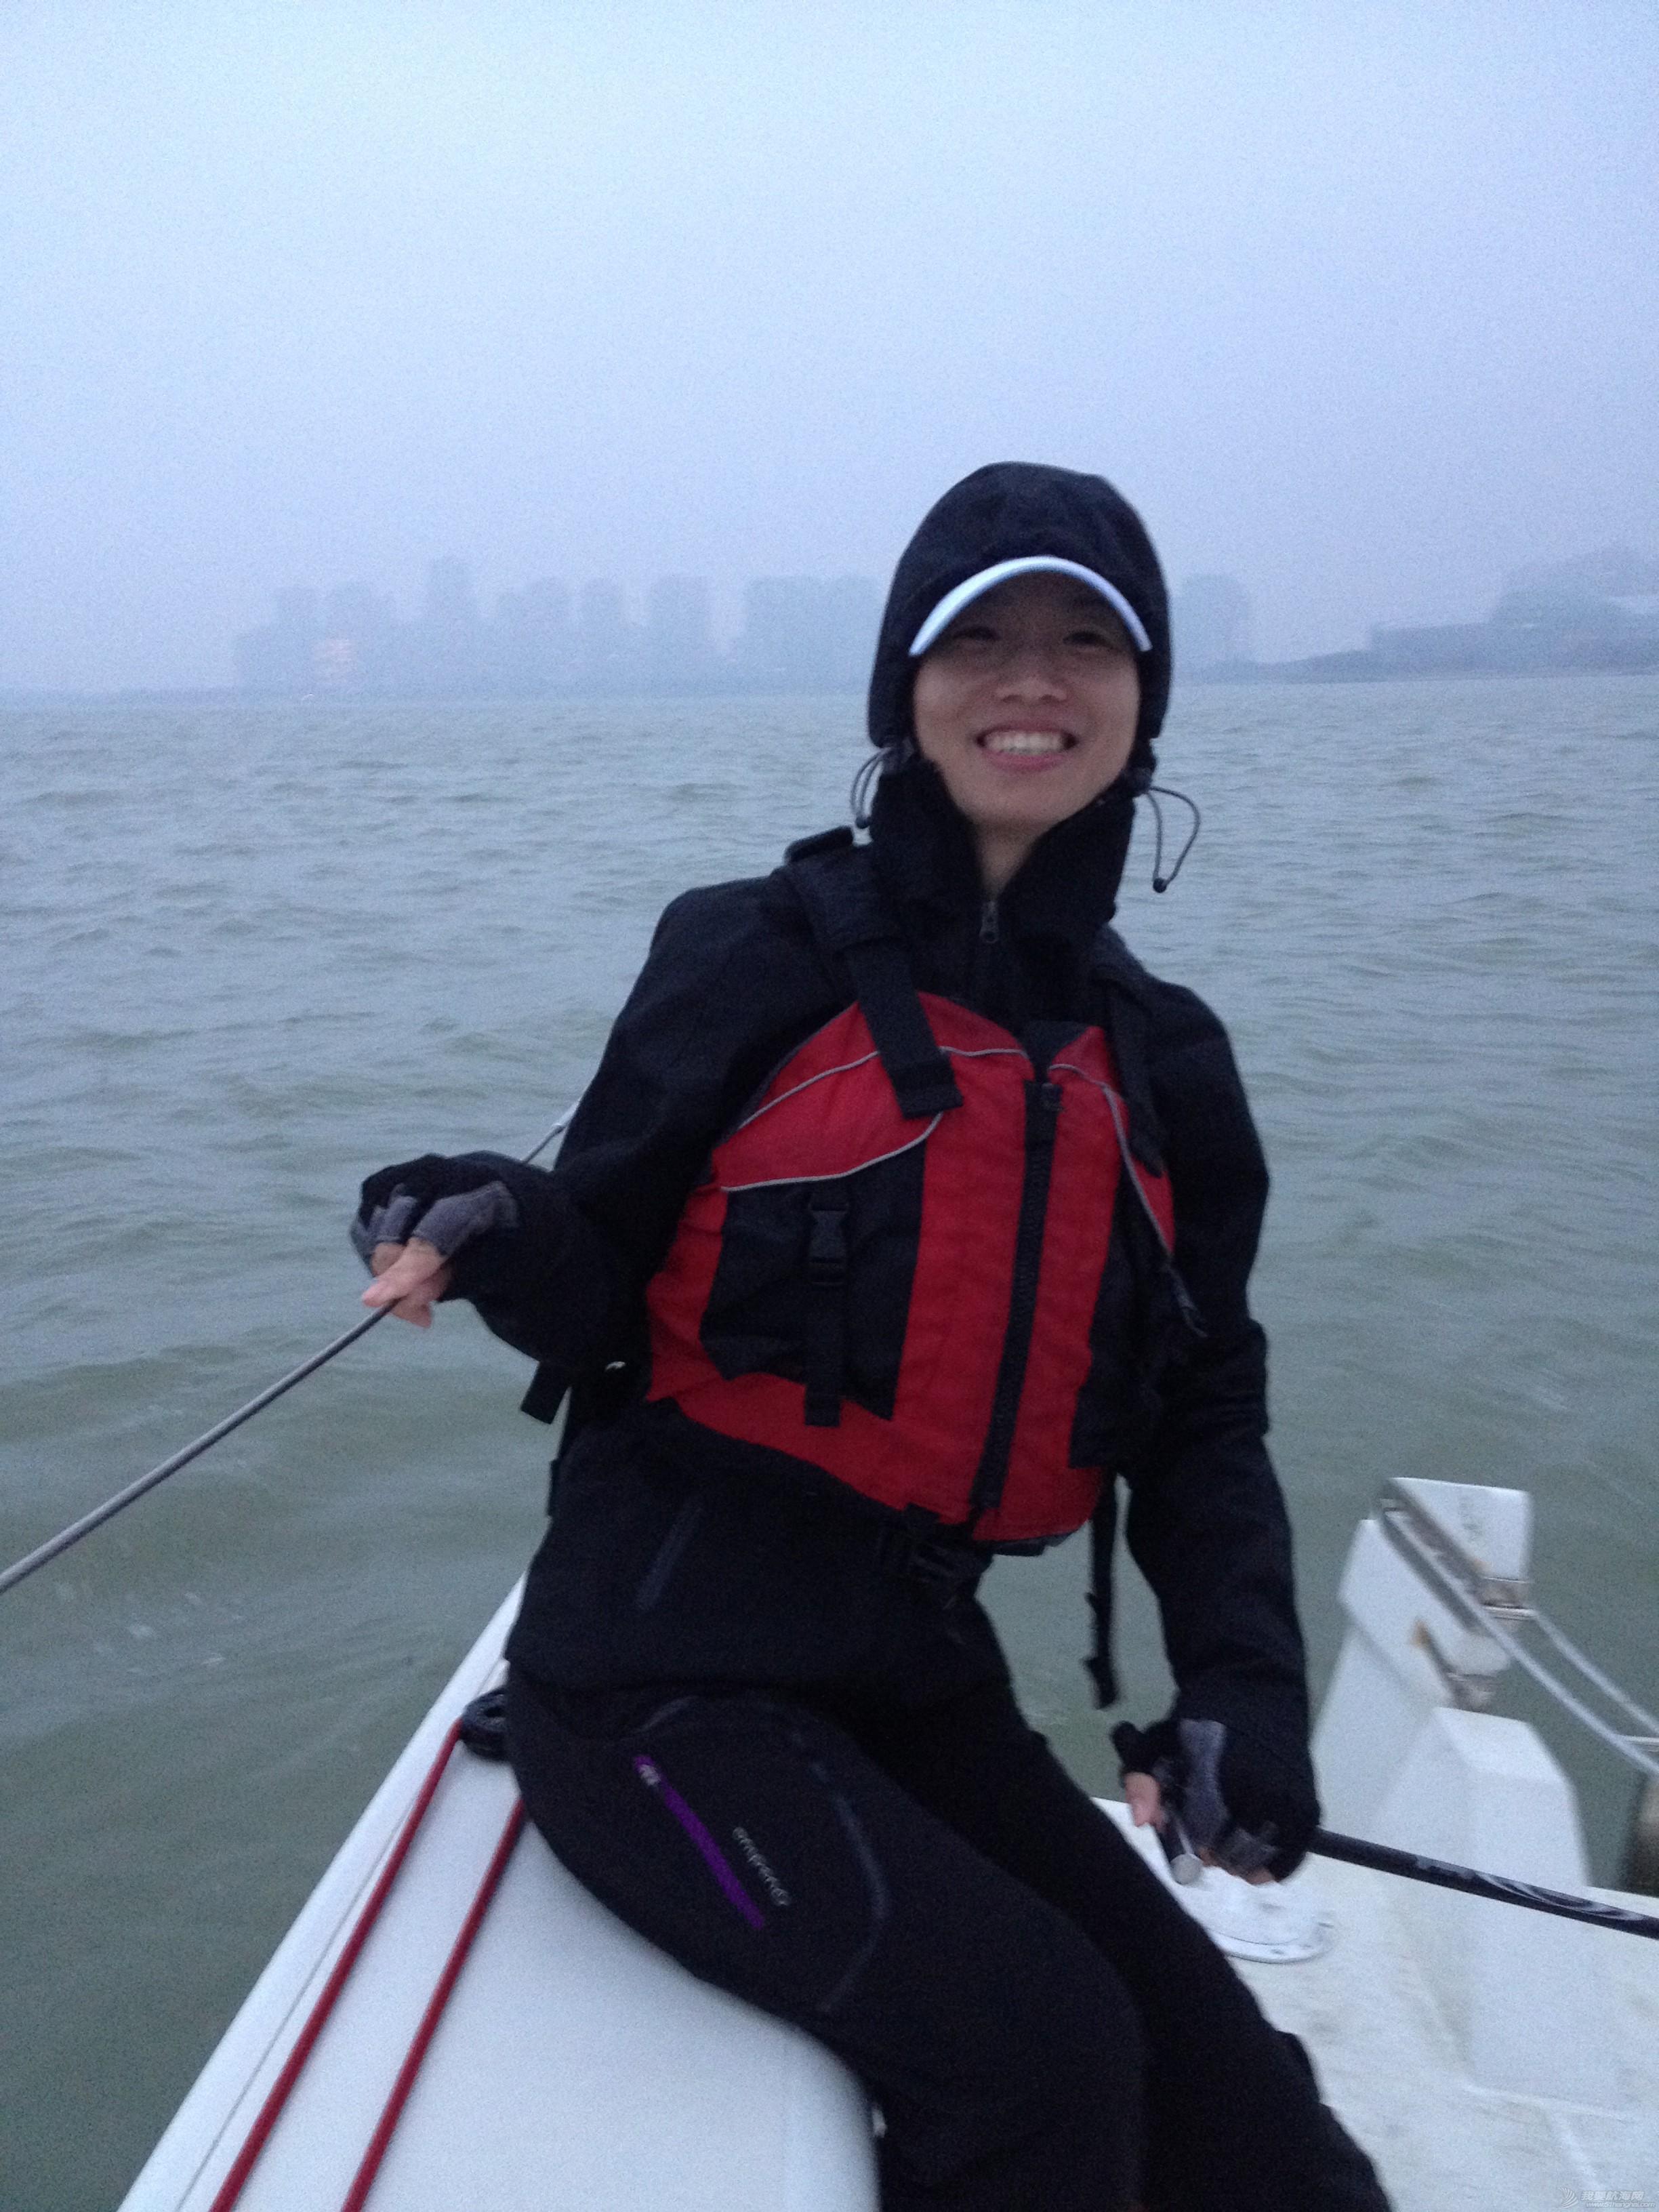 金鸡,苏州 苏州金鸡湖帆船赛-我的处女赛 IMG_2842.JPG